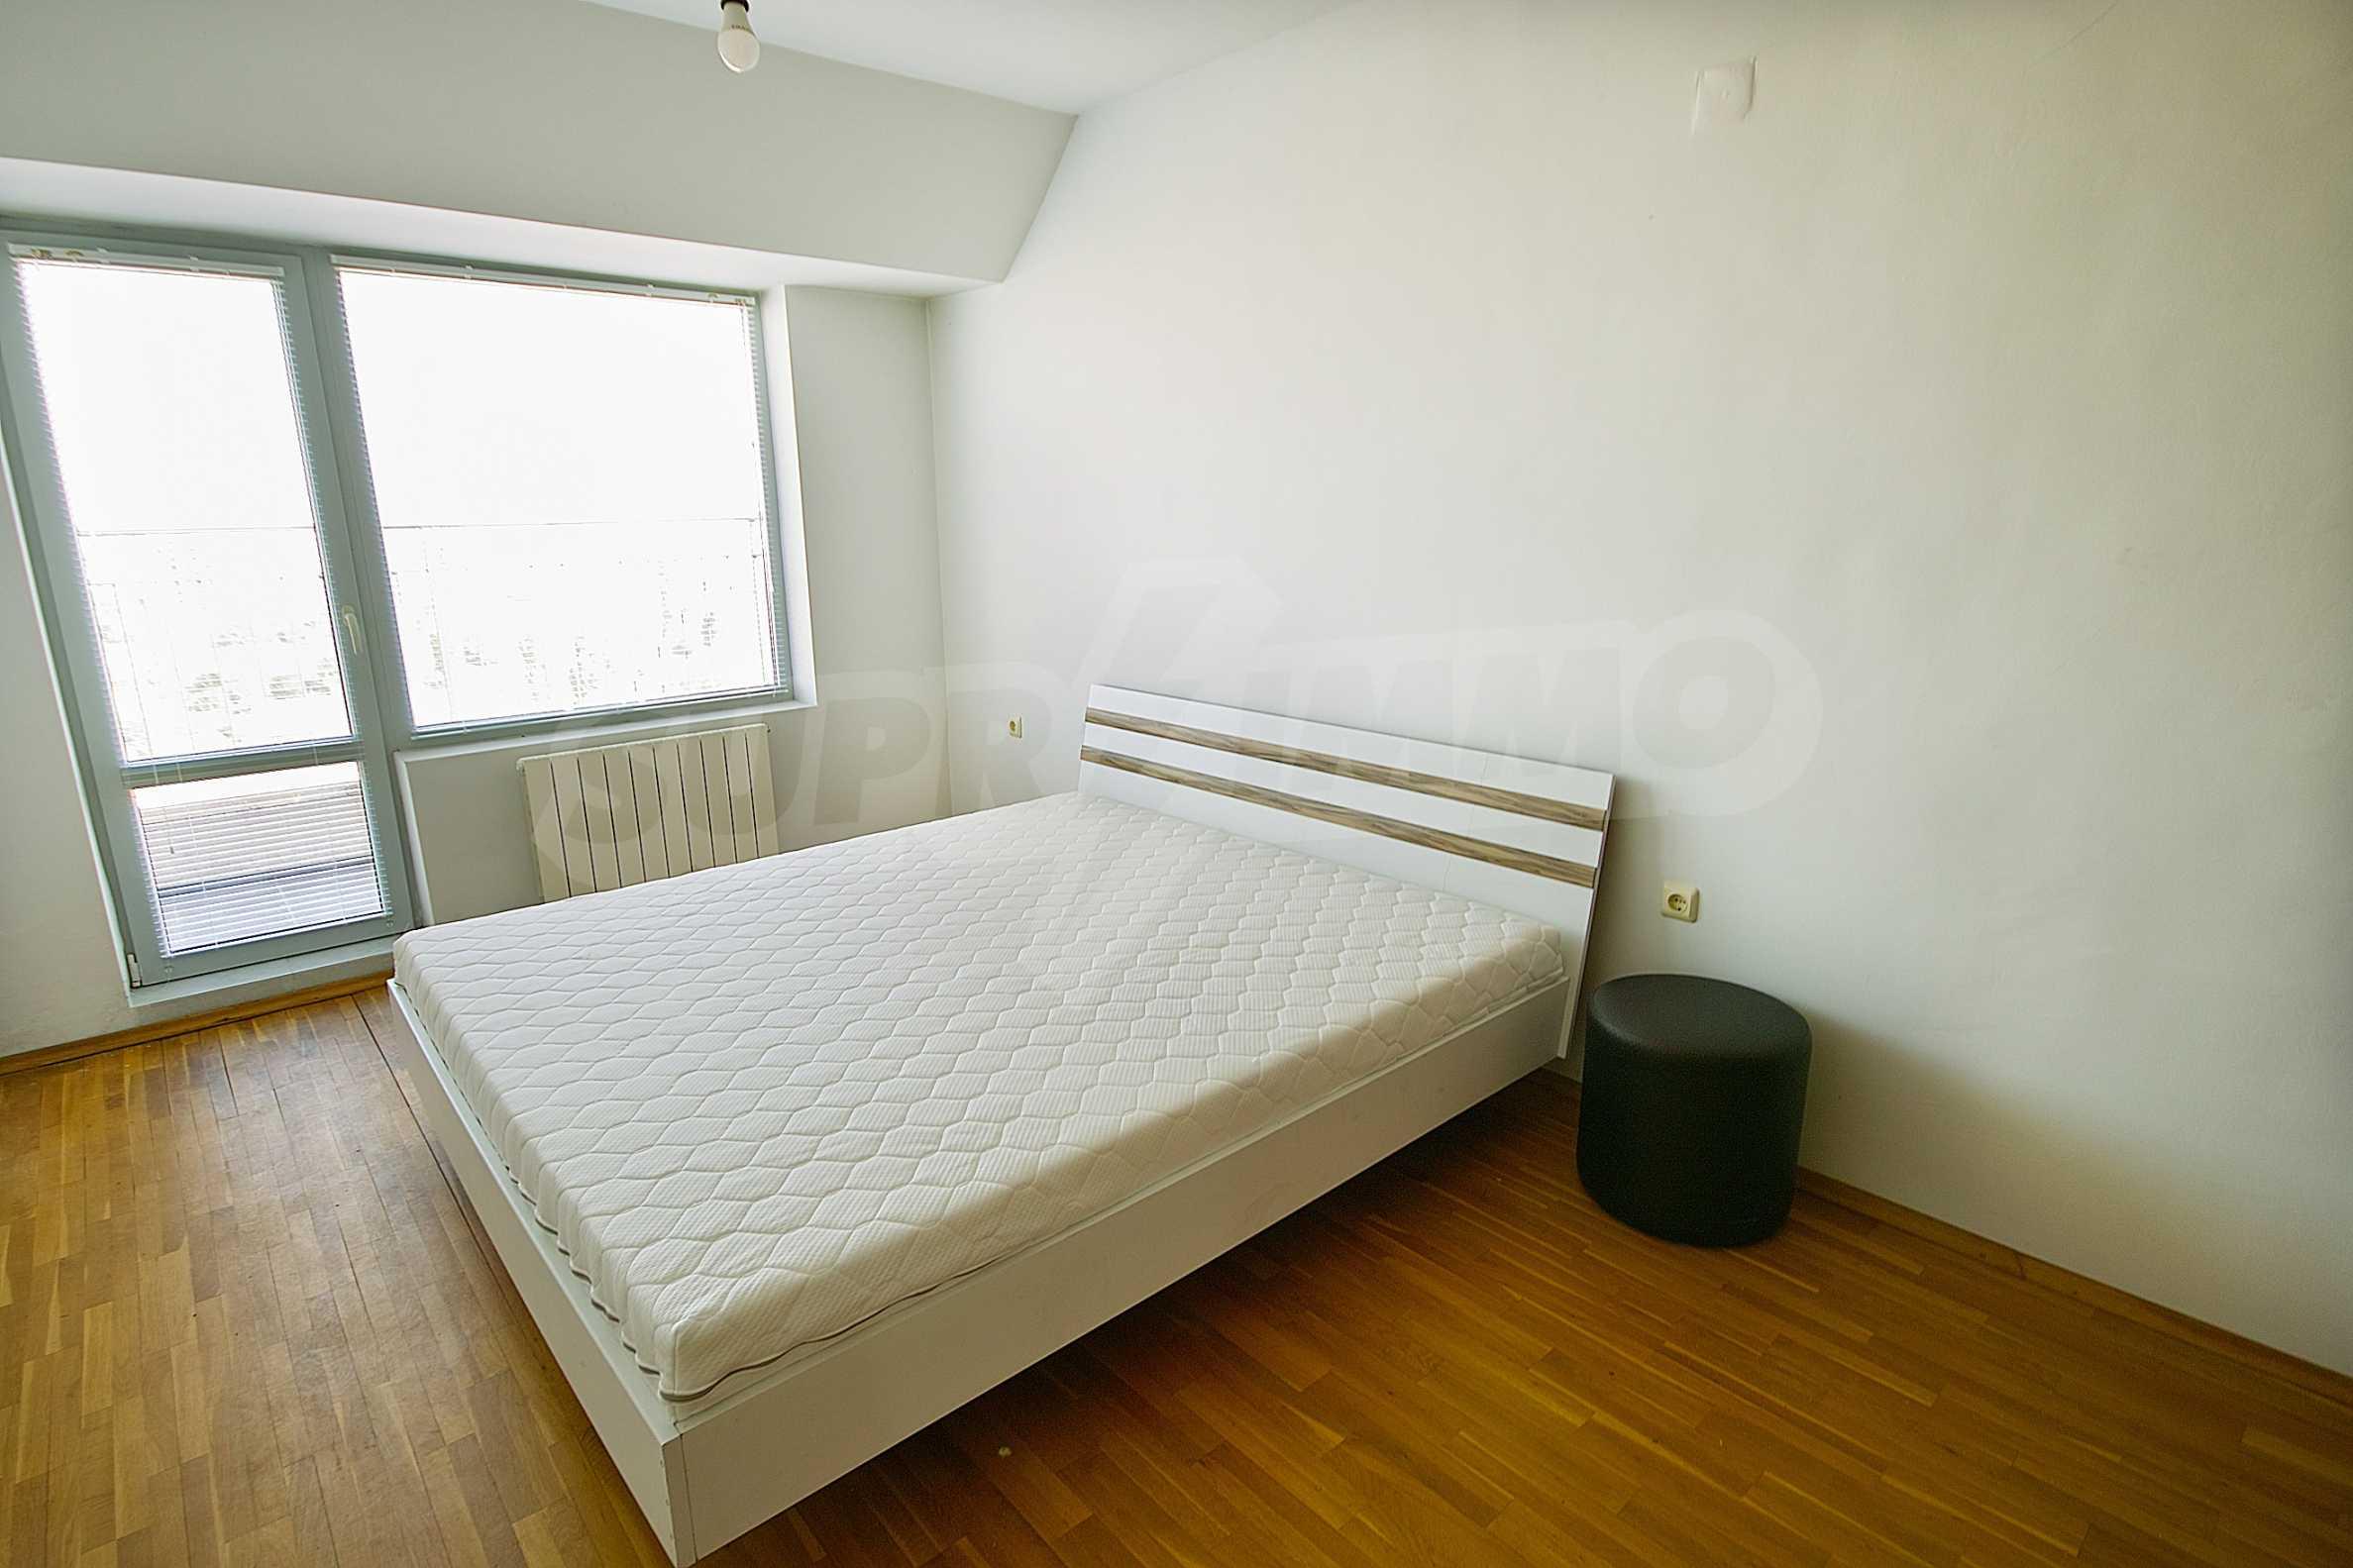 Wohnung zu vermieten in Lyulin-3 Bezirk neben der U-Bahn 4